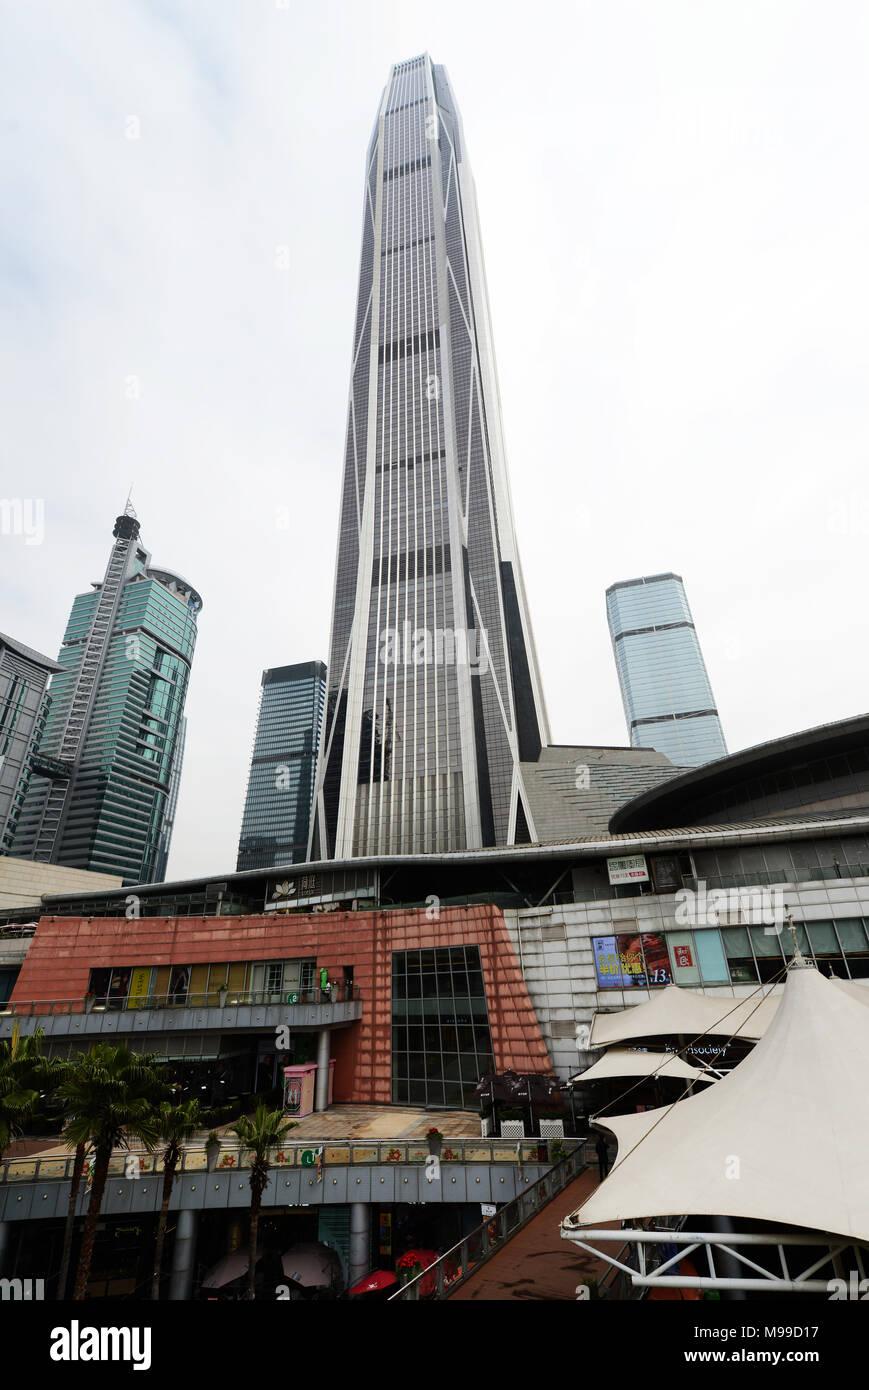 Ping An tower in Futian, Shenzhen. - Stock Image